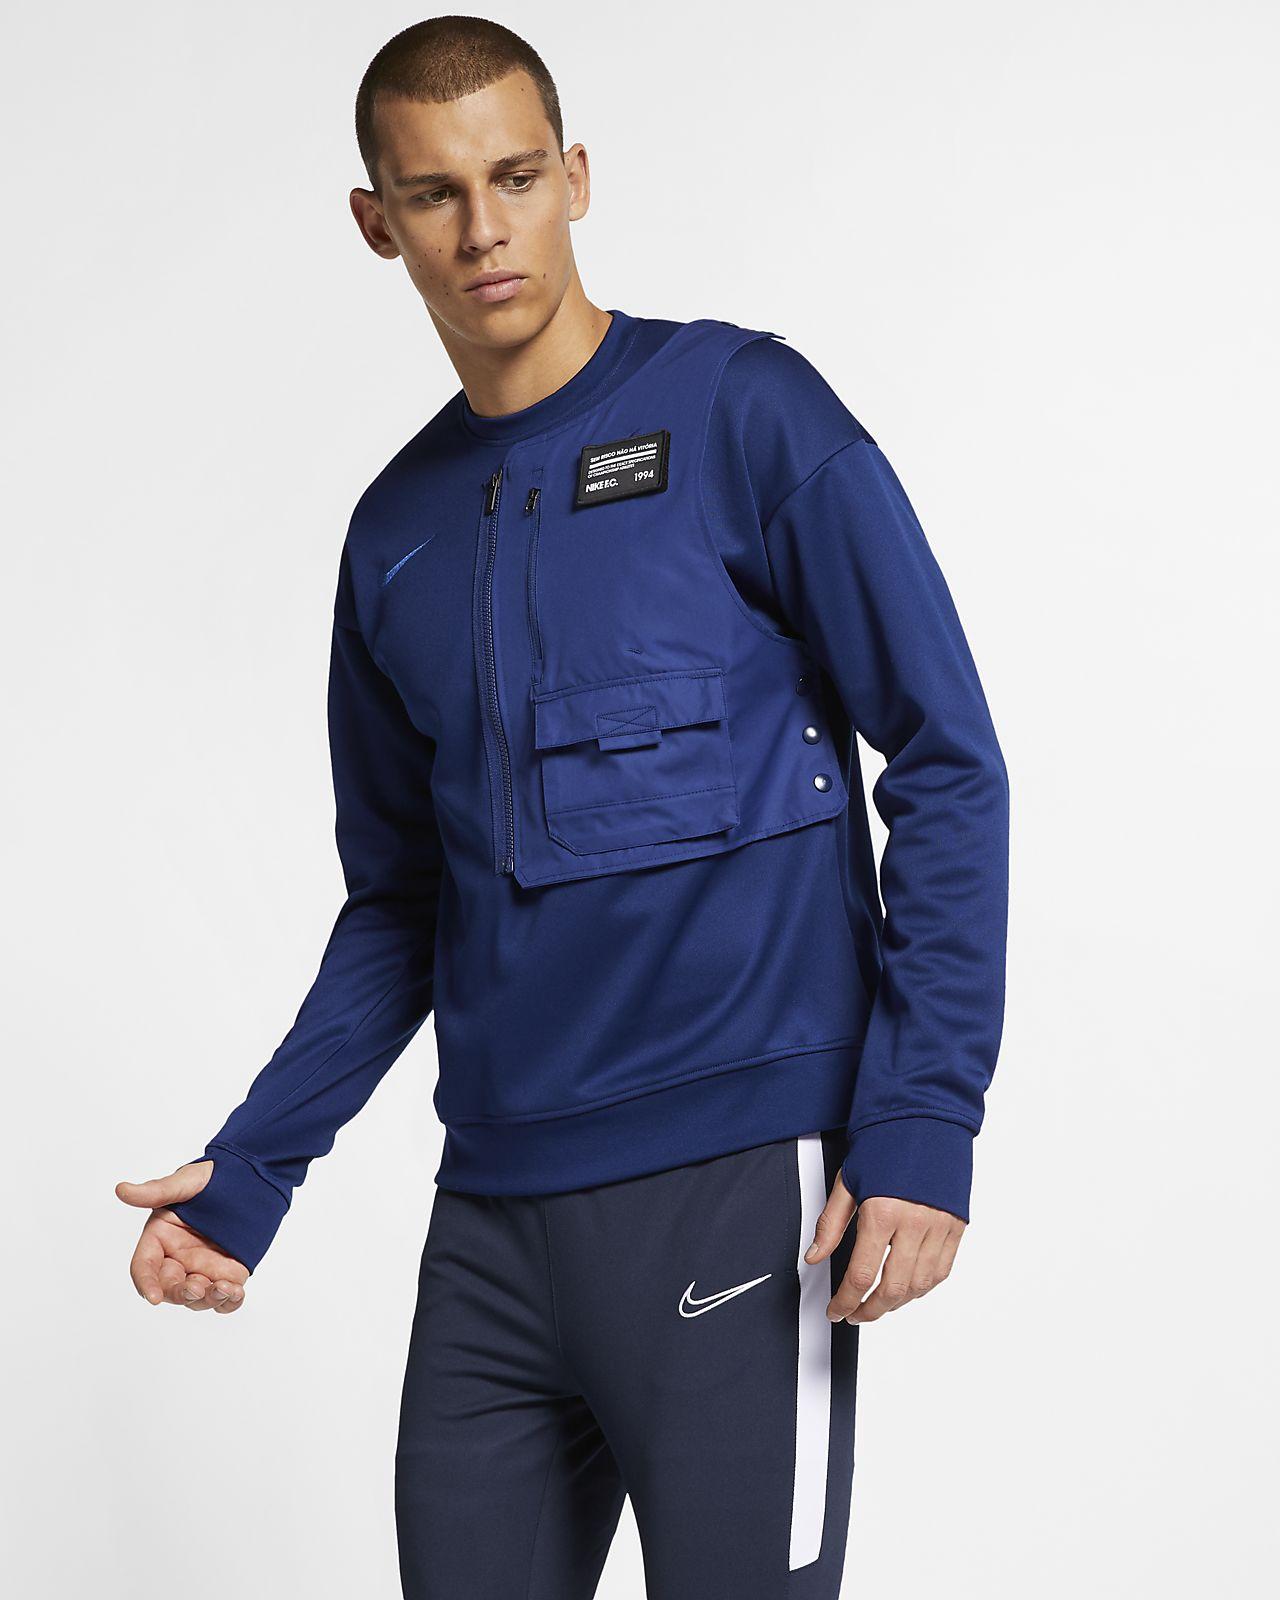 Nike Fútbol De Hombre Sudadera c Para F R54LjA